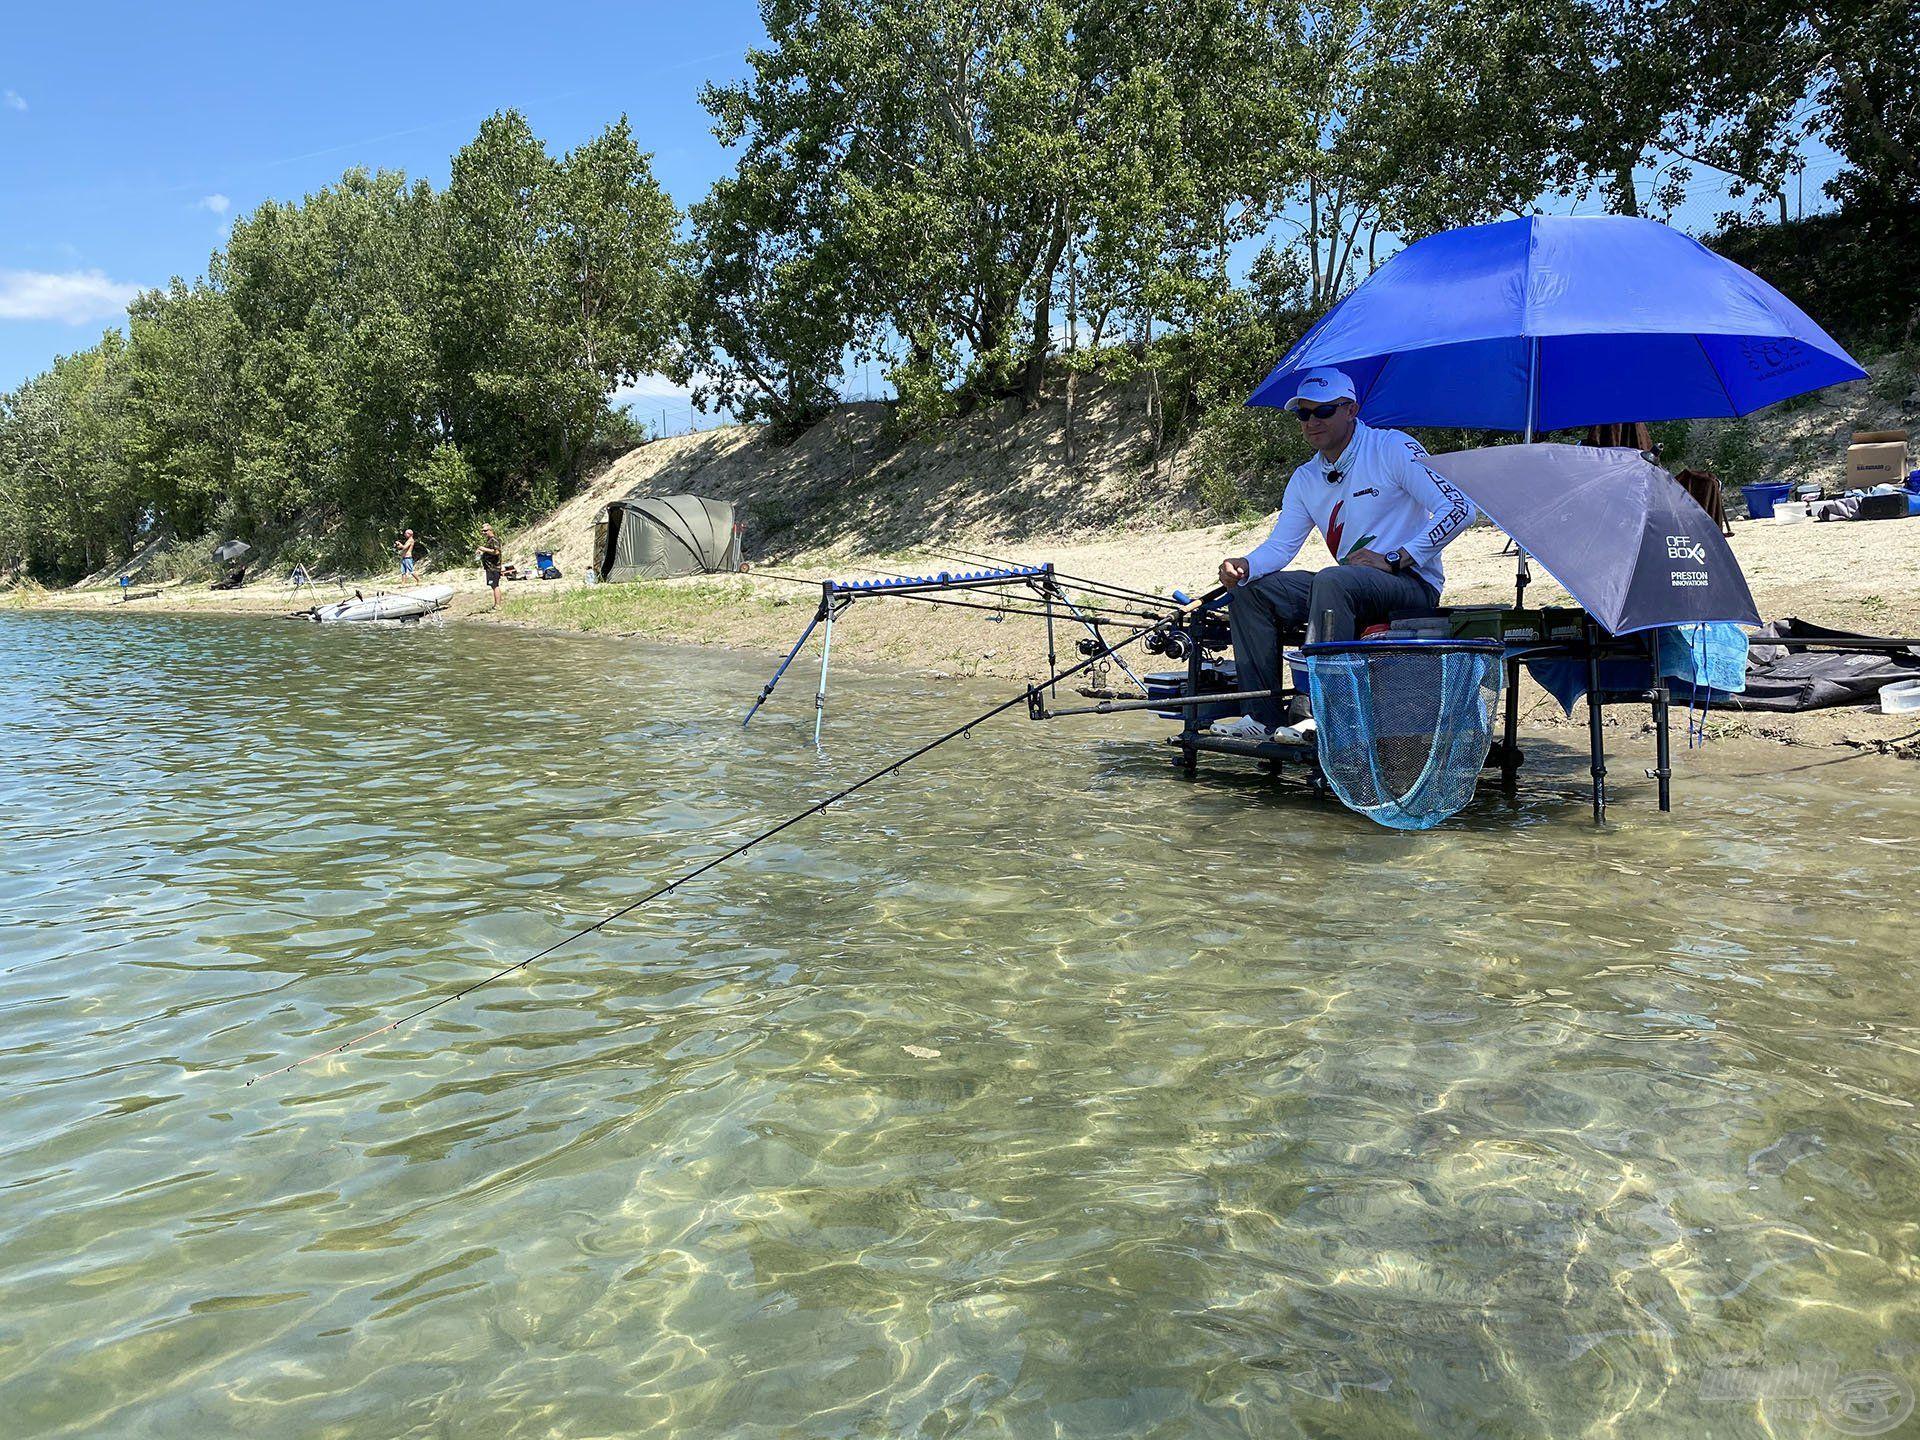 Horgászállásom a kristálytiszta vízben